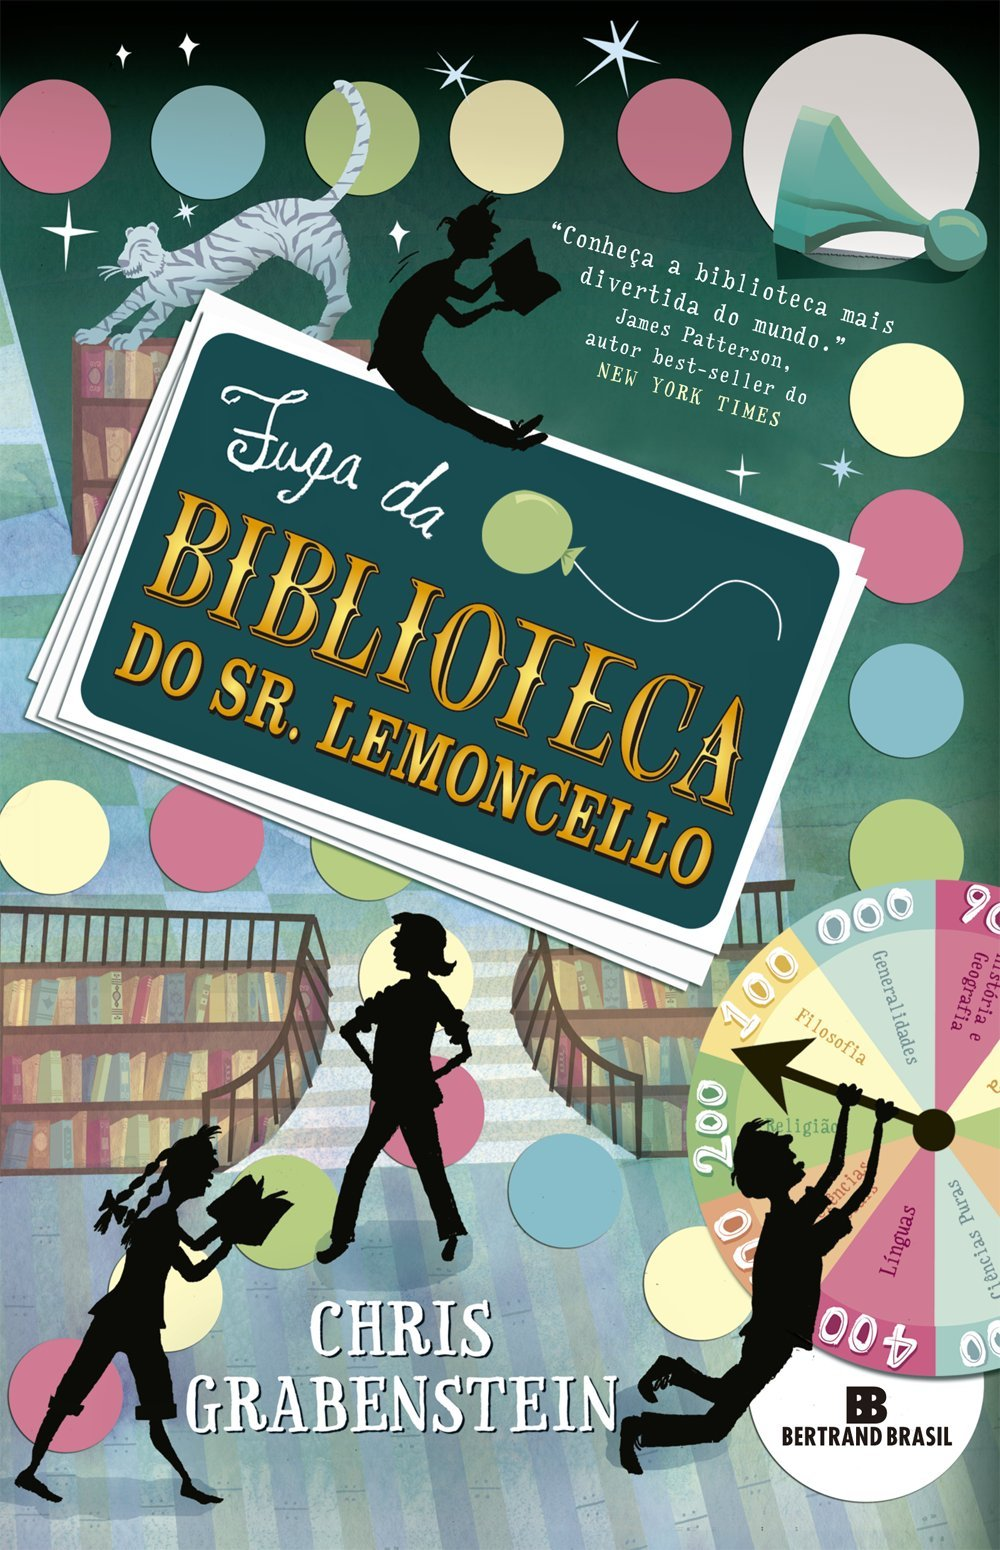 Resenha - Fuga da Biblioteca do Sr. Lemoncello